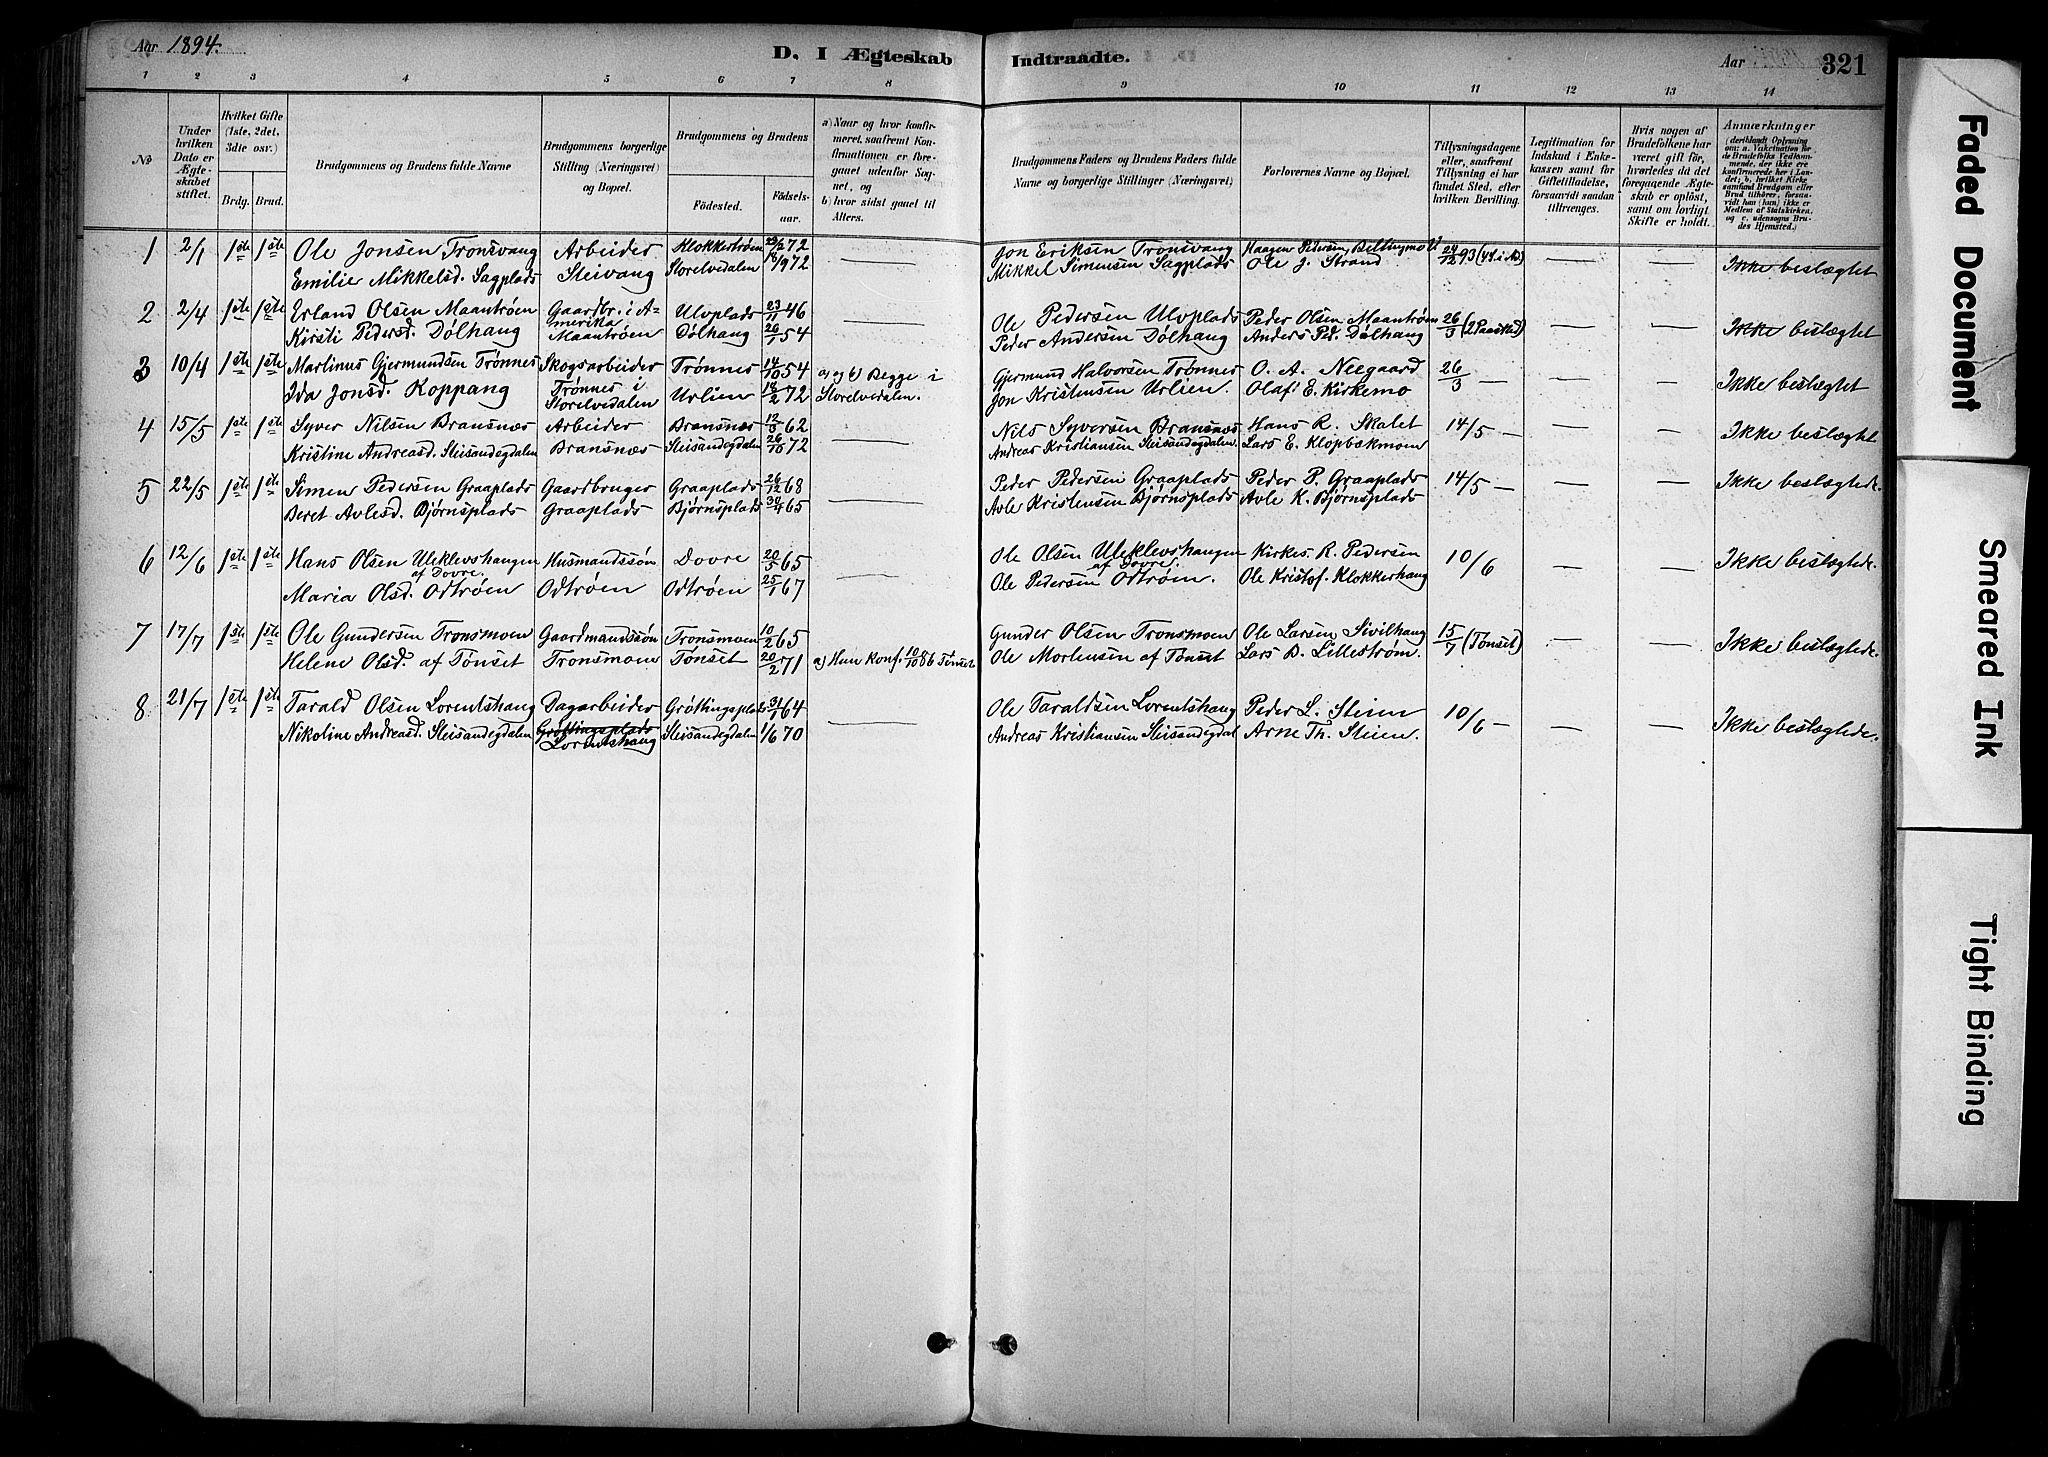 SAH, Alvdal prestekontor, Ministerialbok nr. 2, 1883-1906, s. 321